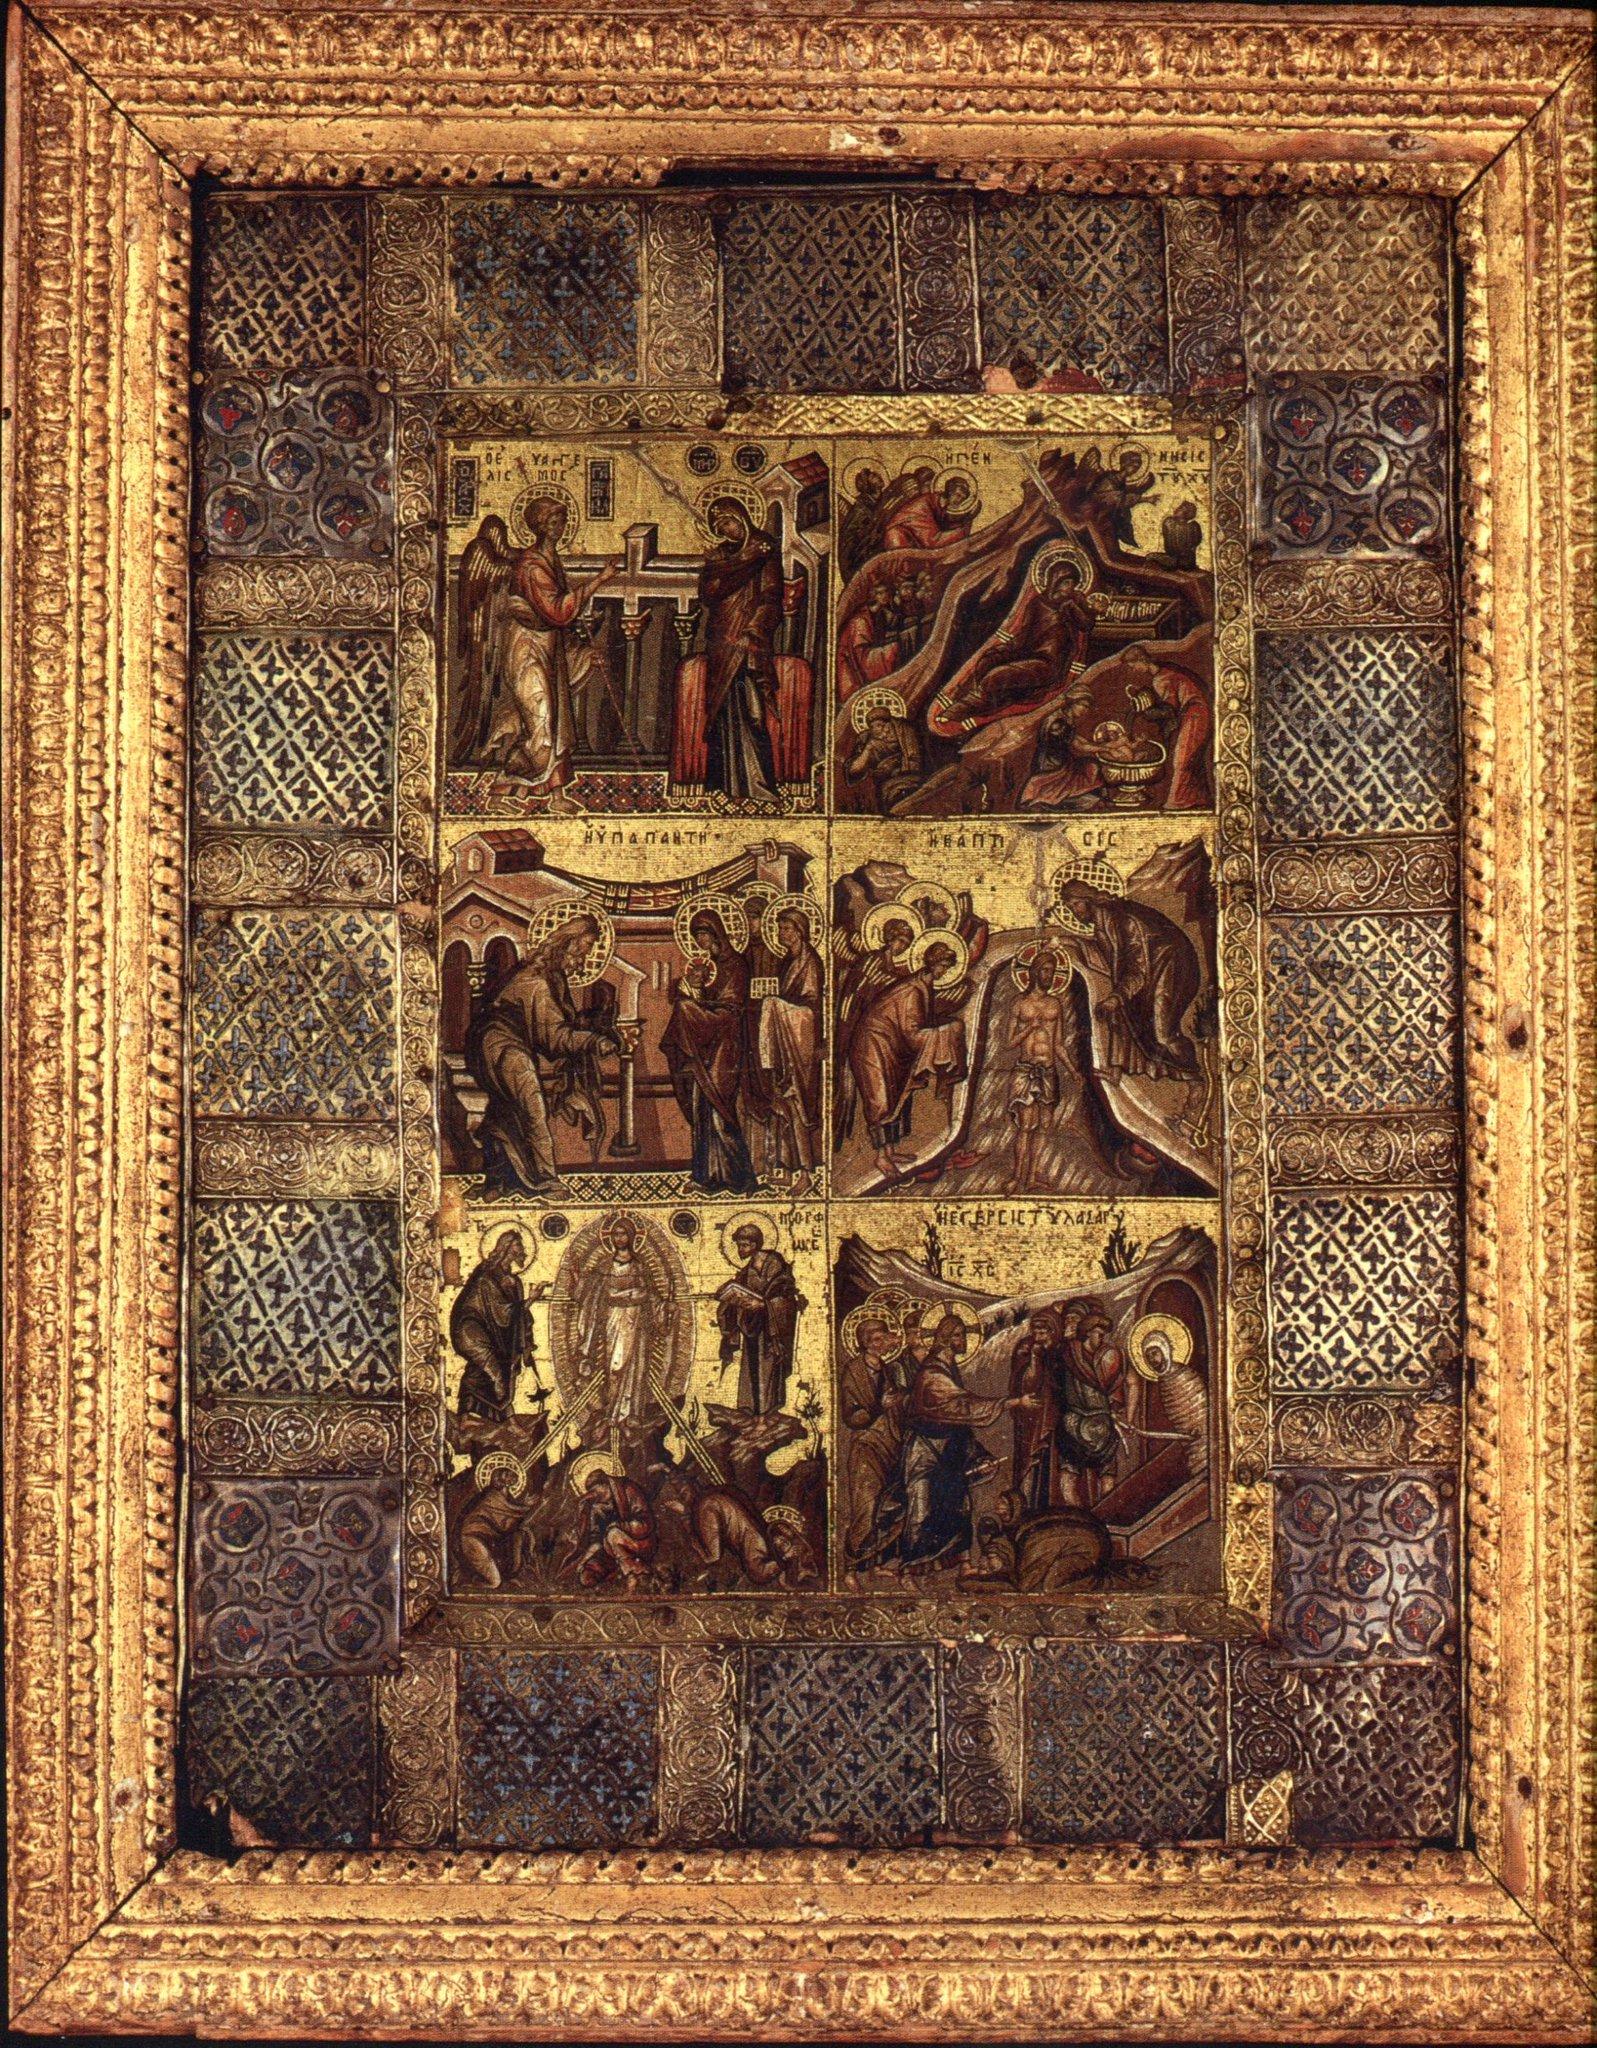 психологии считают, фото византийских икон в хорошем качестве нас можете